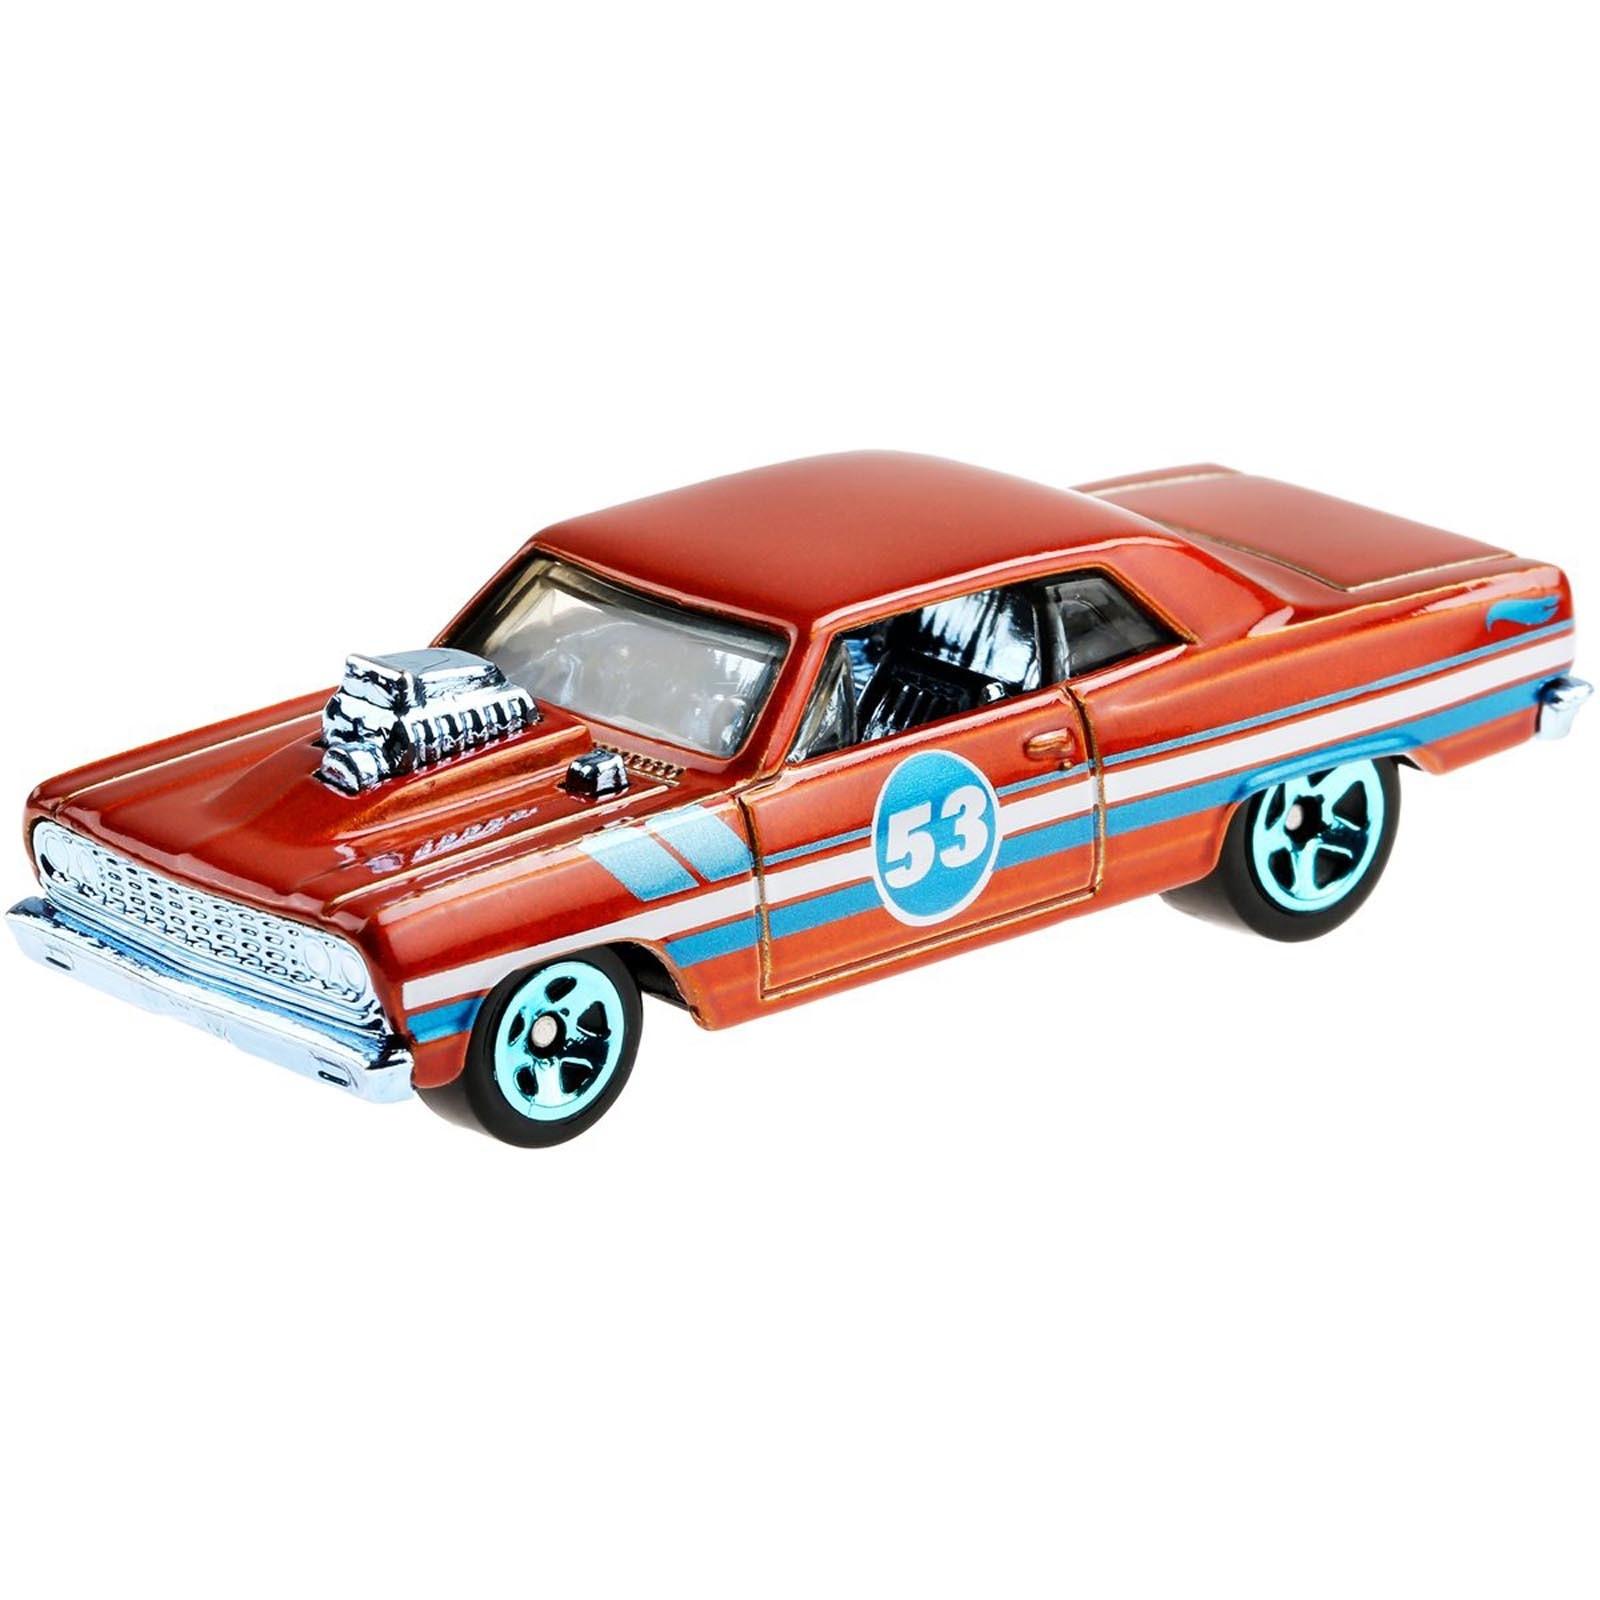 Hot Wheels - Coleção Miniatura - Aniversário 53 Anos - Laranja e Azul SORTIDO